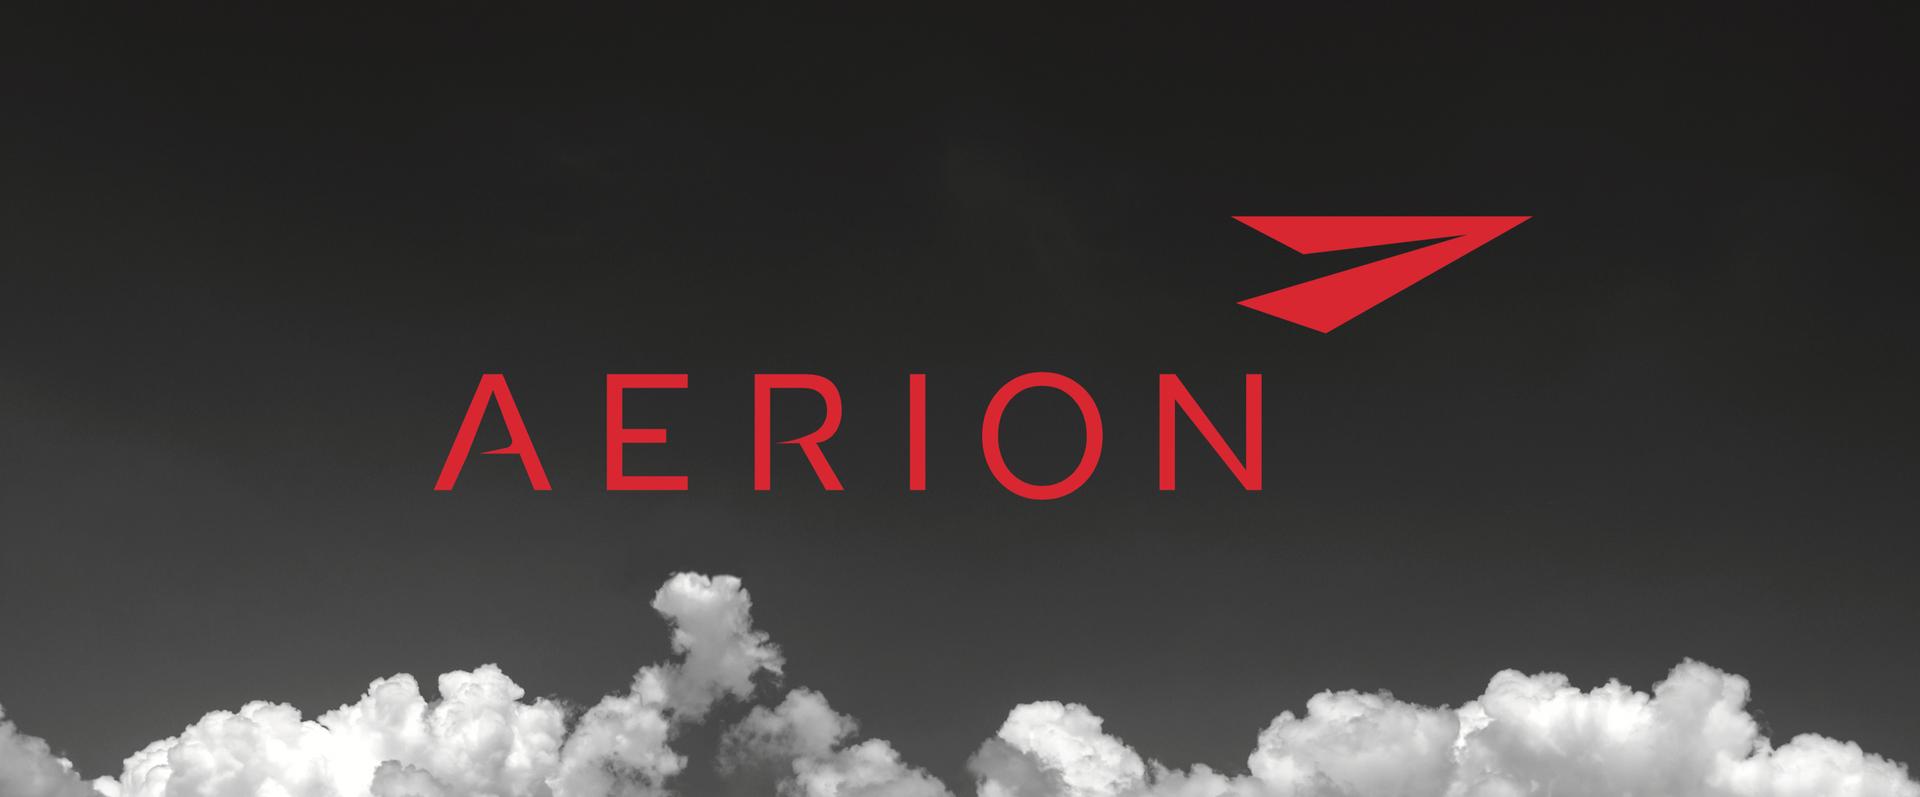 Kimia Fariborz Aerion Supersonic